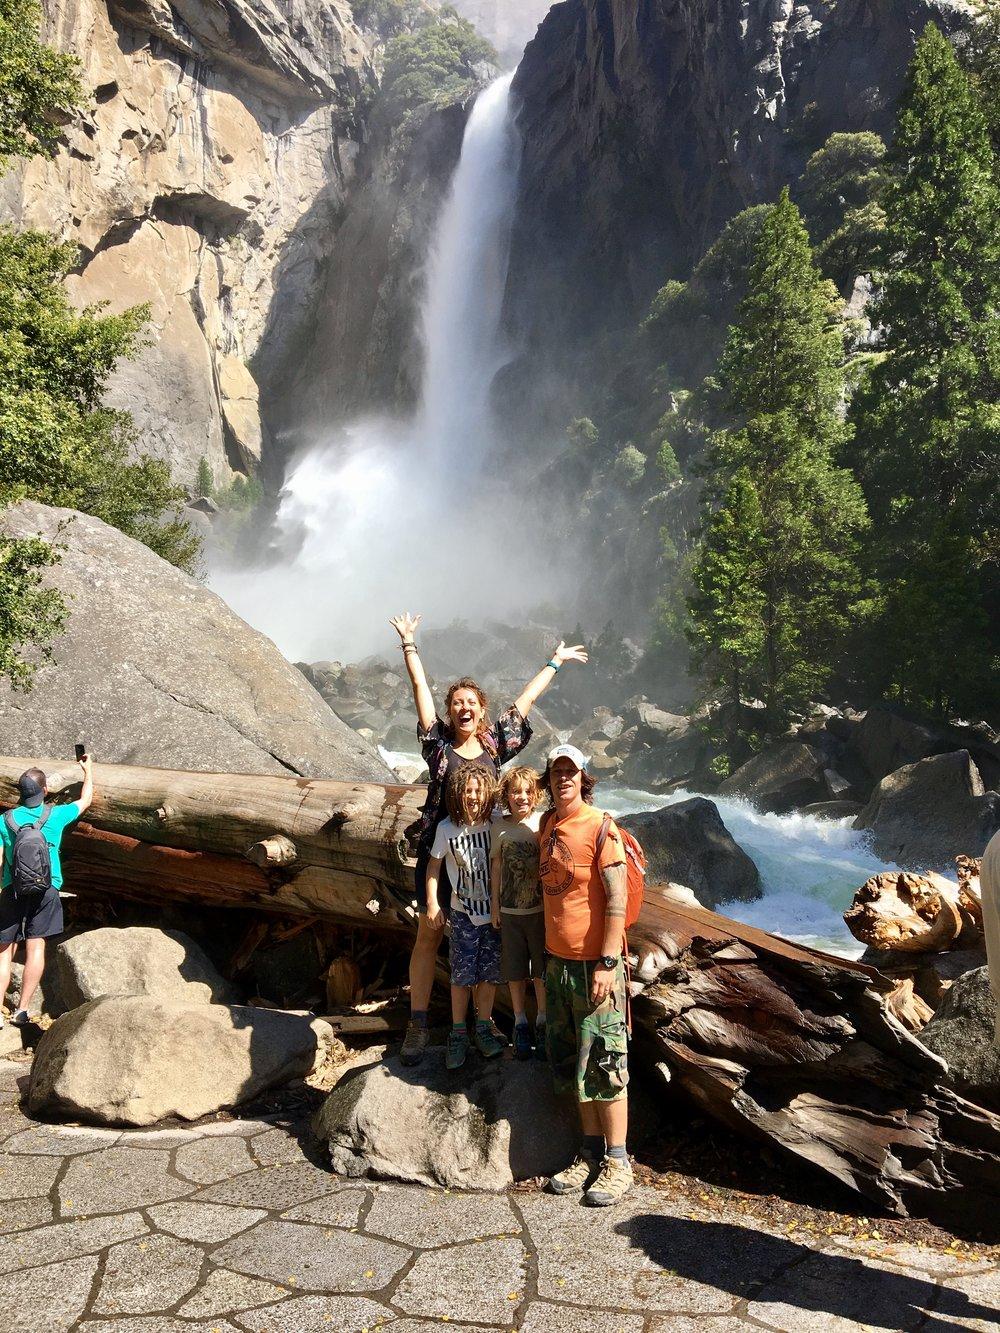 Getting soaked at Yosemite Falls.